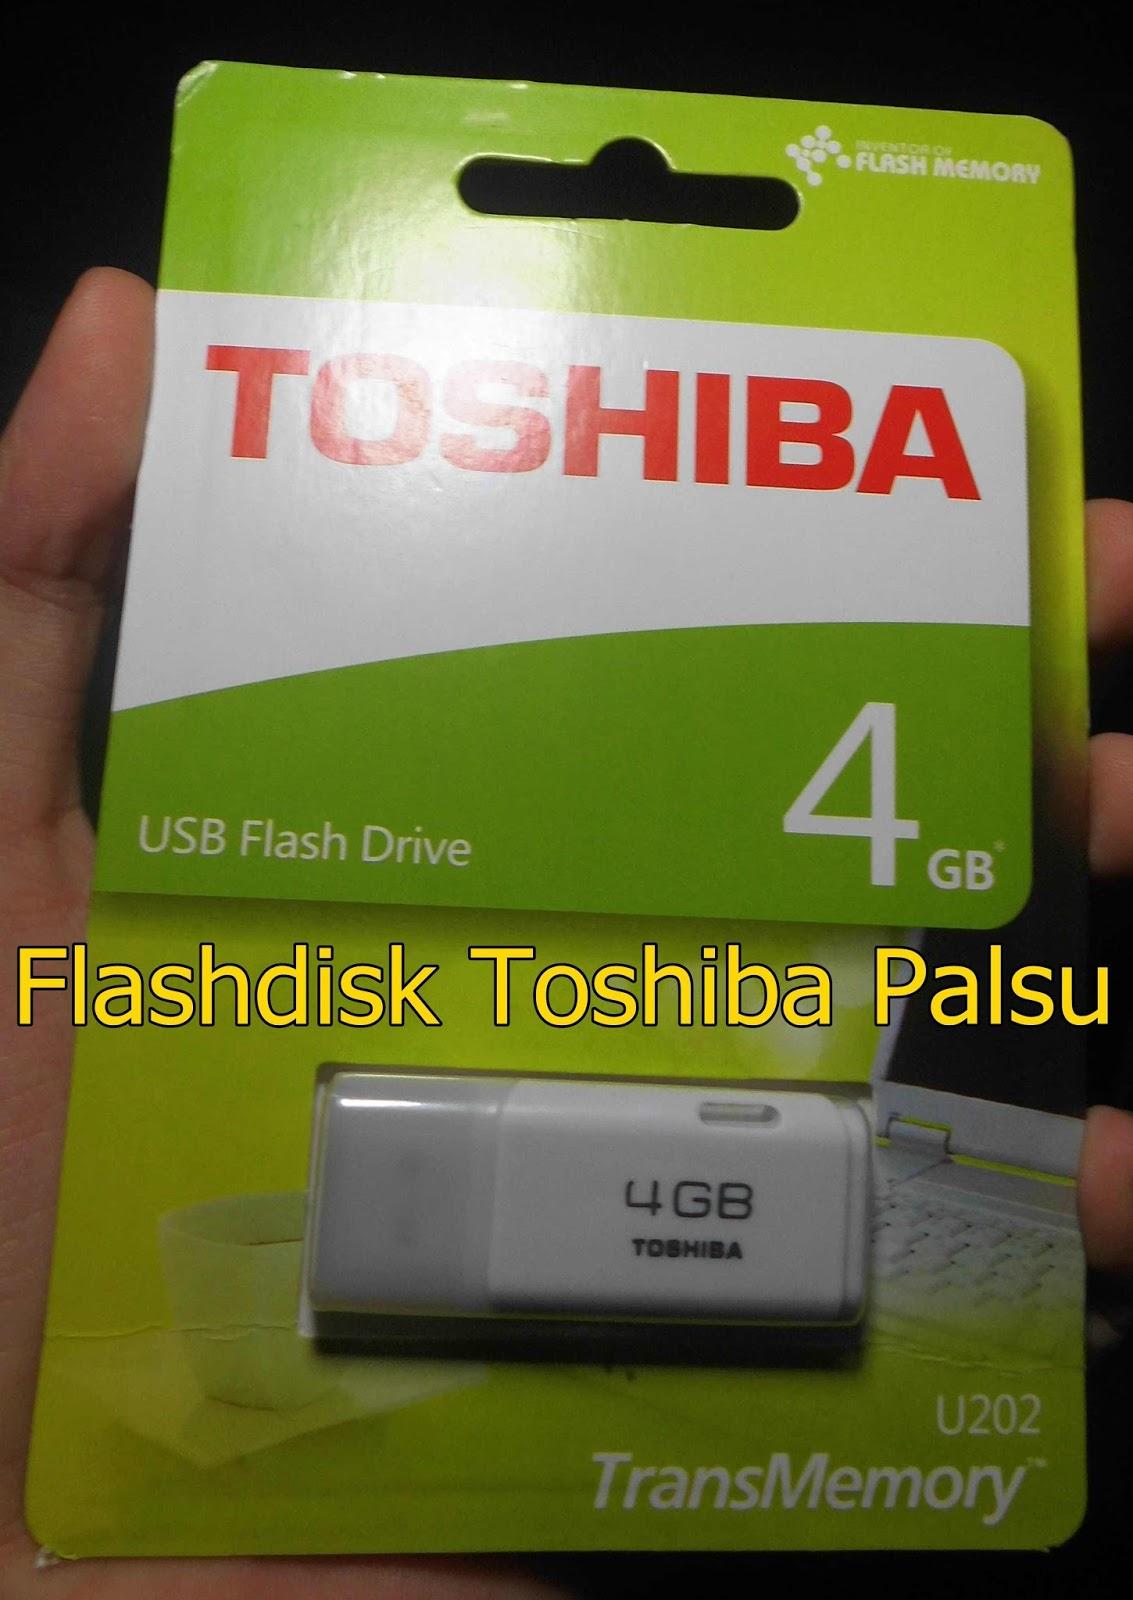 Tips Mudah Membedakan Flashdisk Toshiba Asli Dengan Yang Palsu Flash Disk 32 Gb Hayabusa Original Pada Postingan Ini Mimin Bakalan Berbagi Sedikit Pengalaman Tentang Dikarenakan Beberapa